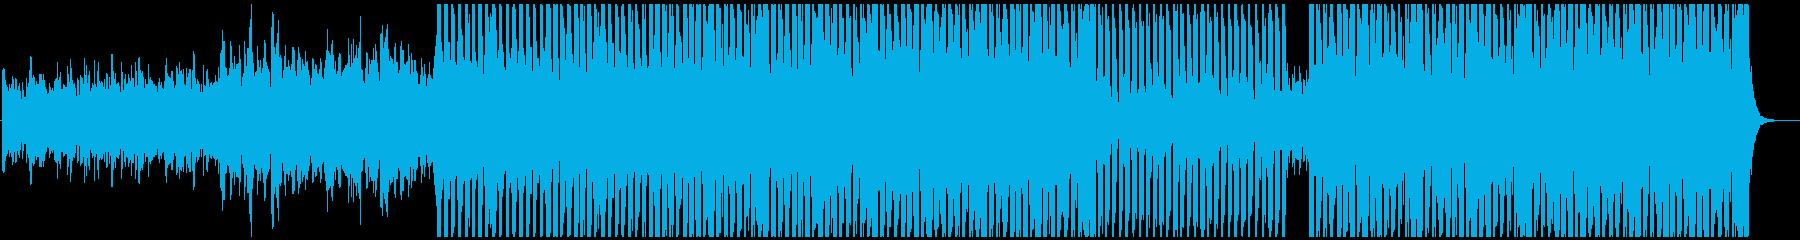 ソフトなテクノビートと素敵なメロデ...の再生済みの波形